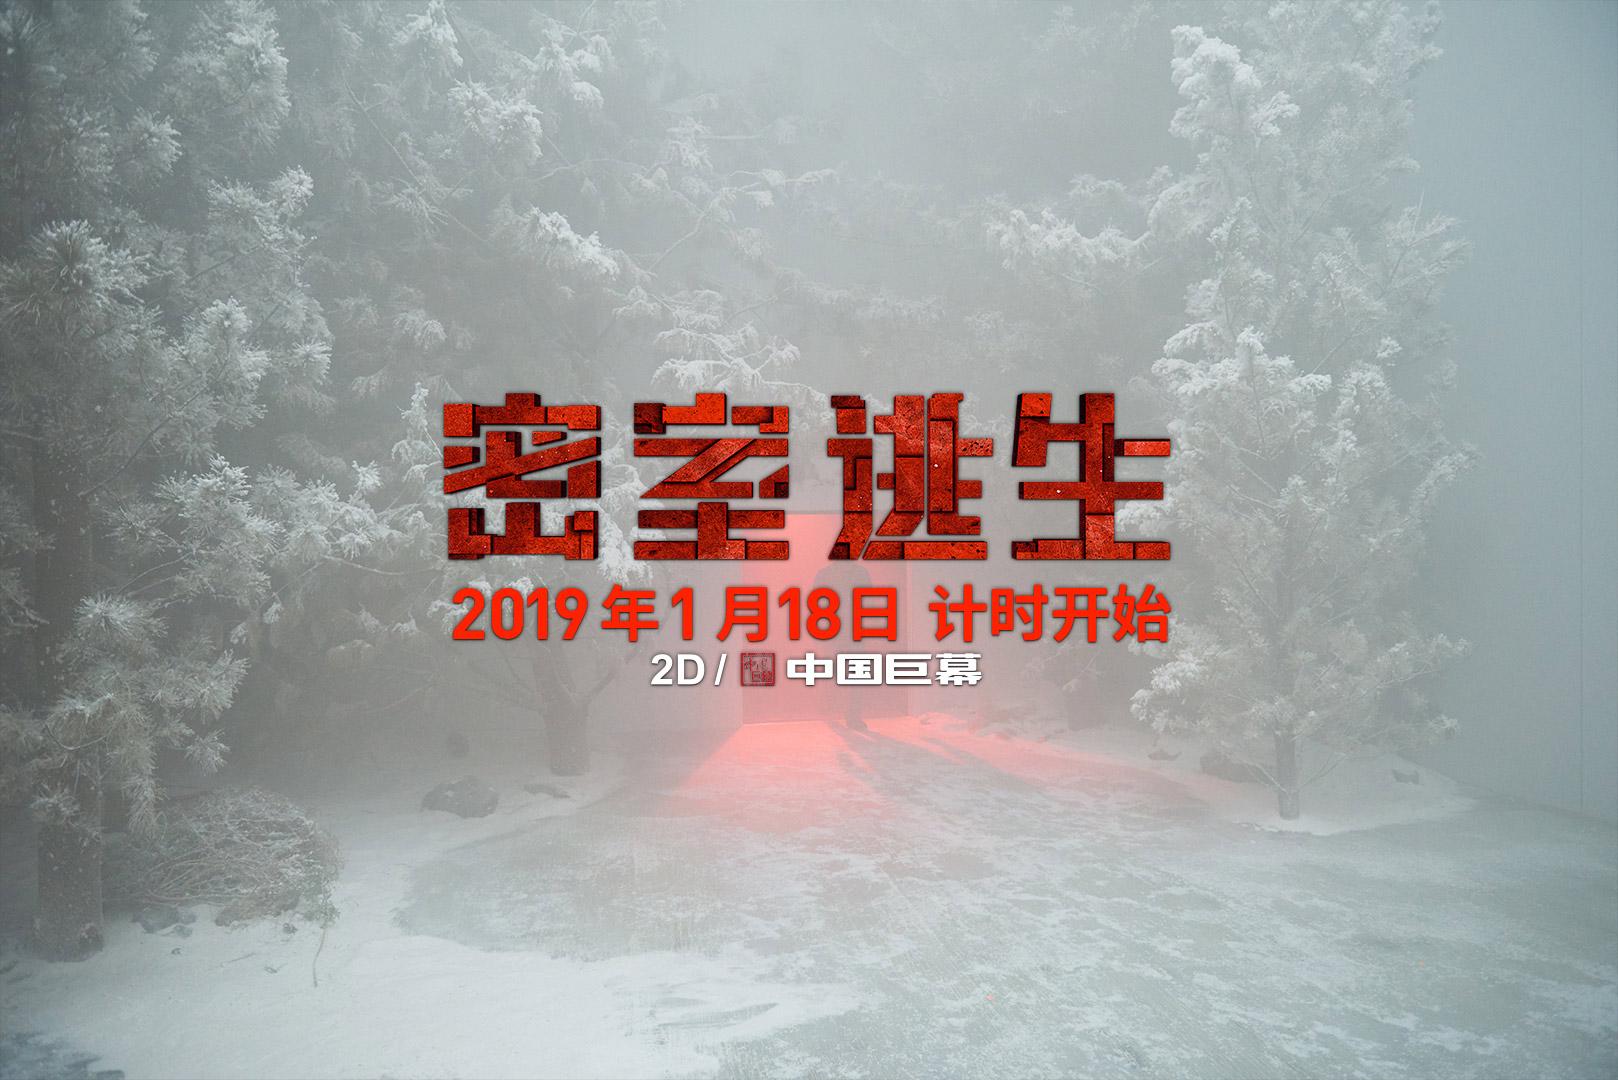 """《密室逃生》发布""""冰面陷落""""原片片段"""